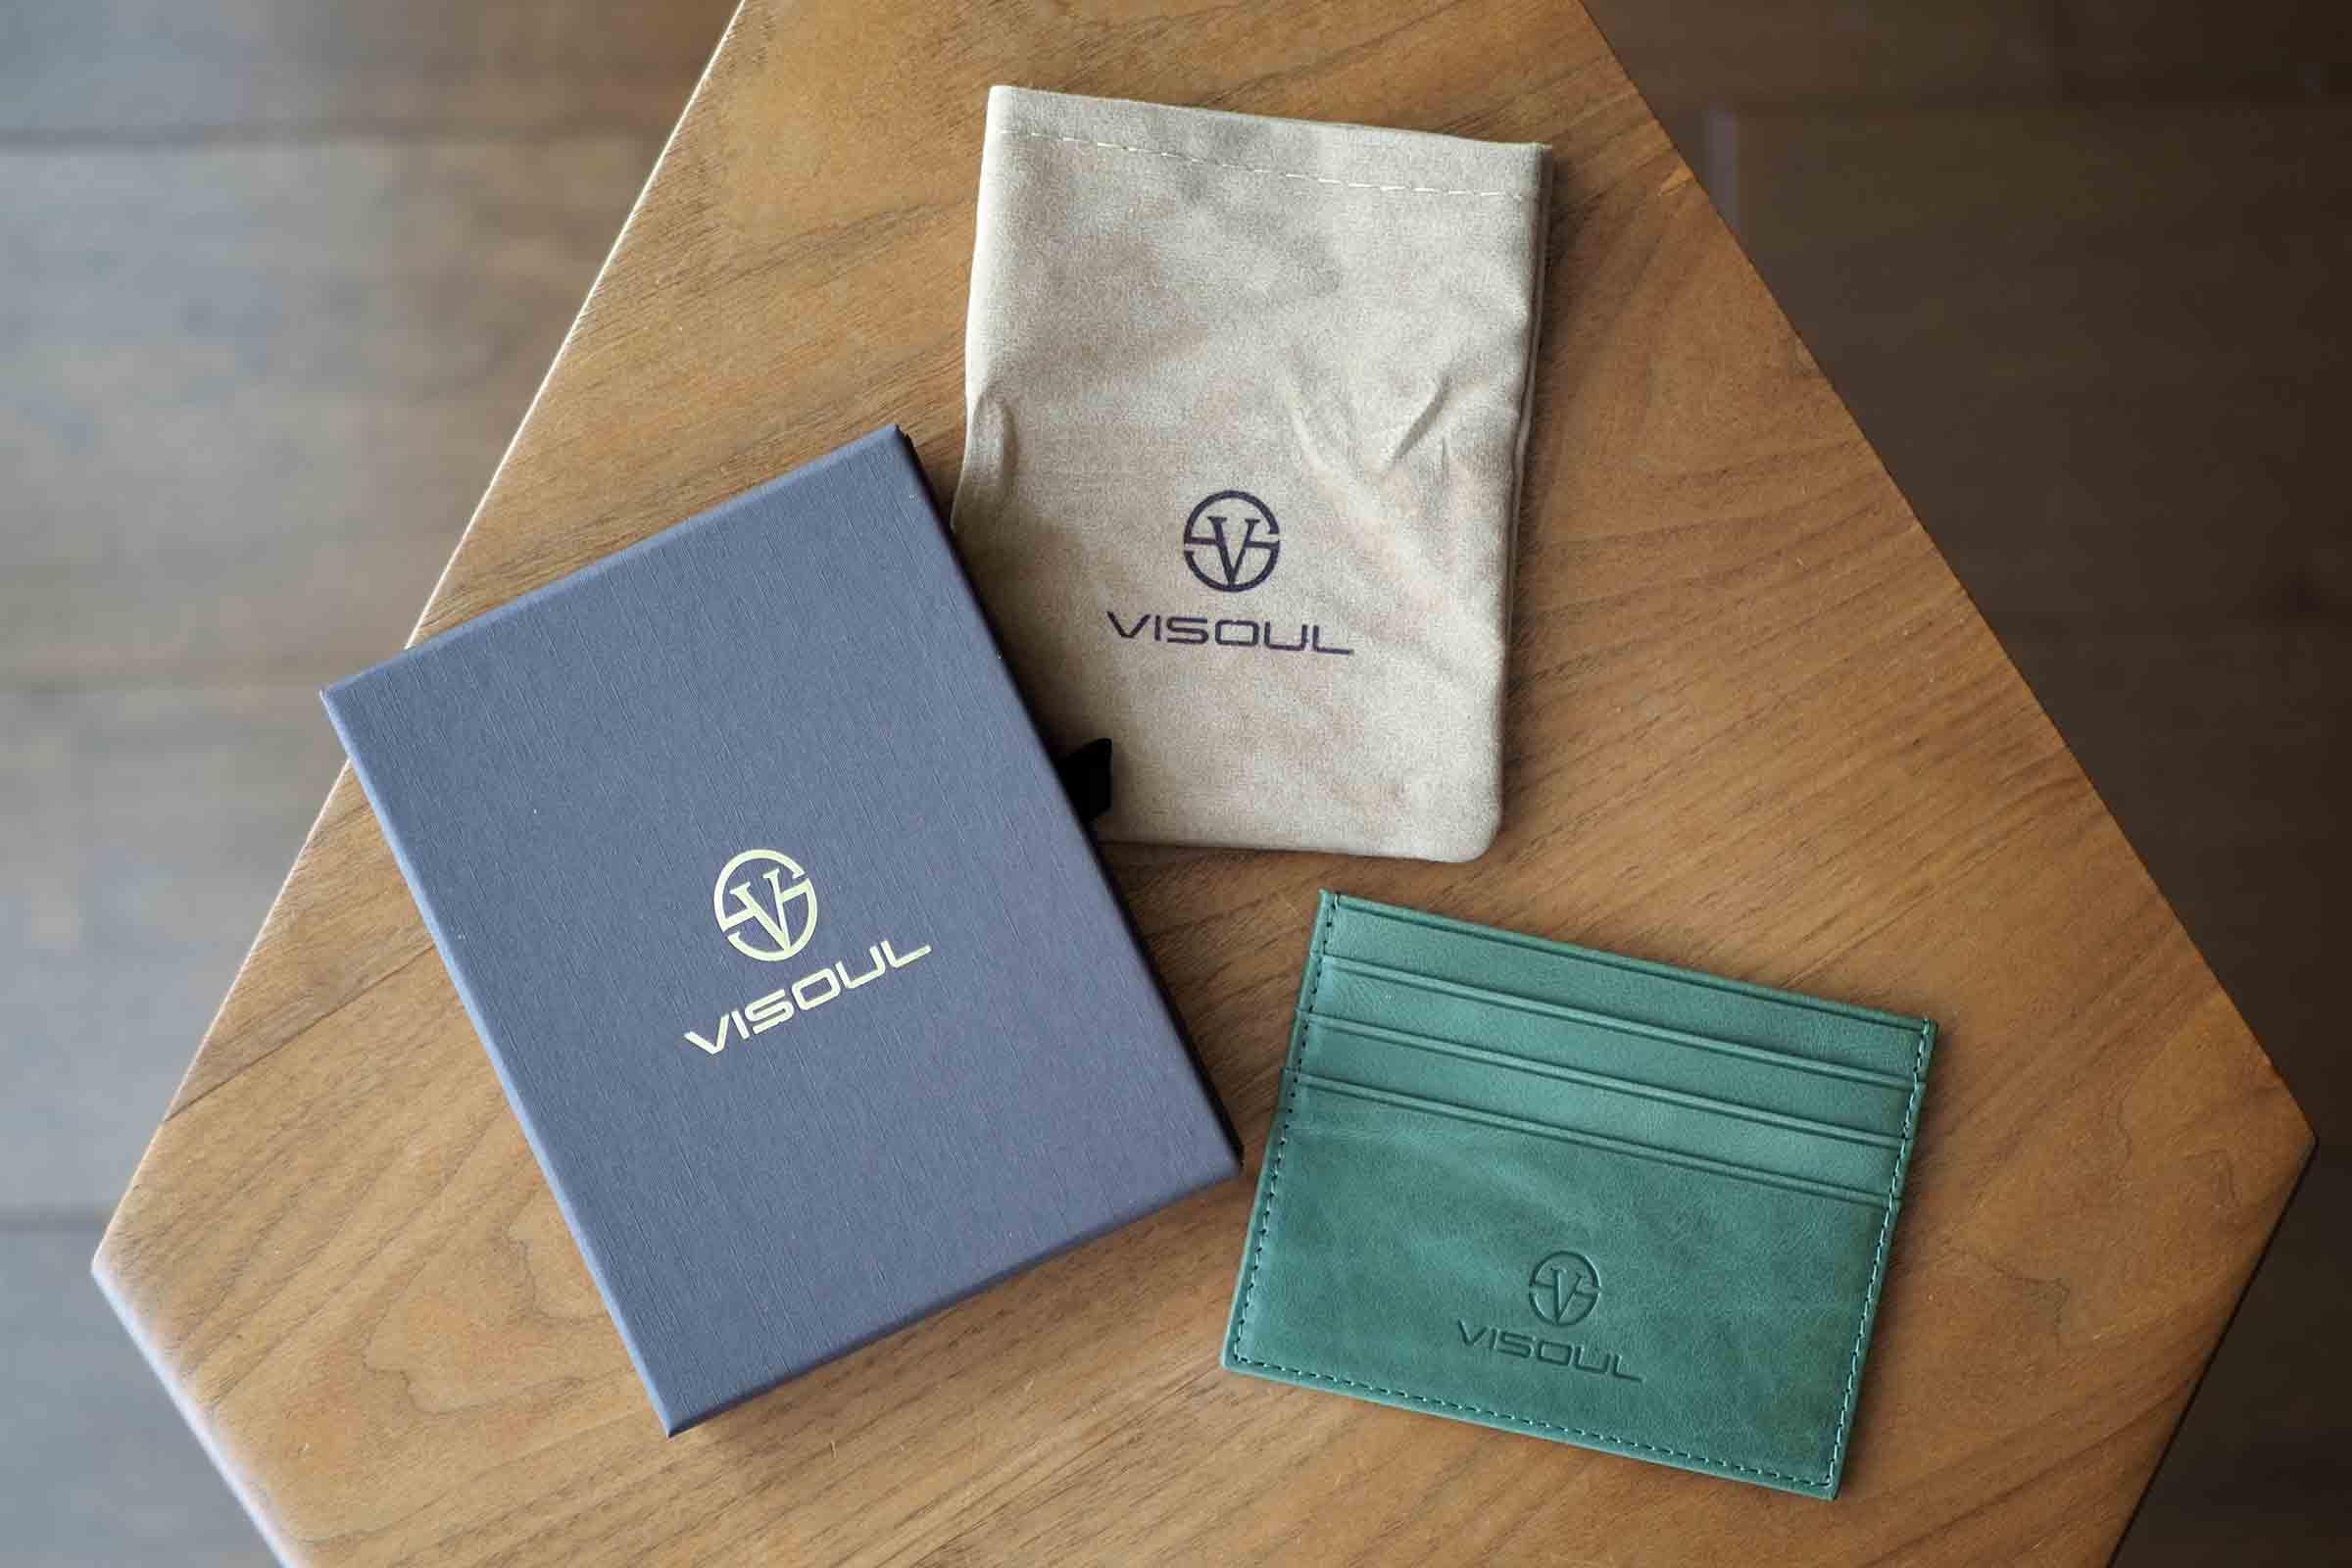 カードケース,VISOUL,小さい,薄い,安い,コンパクト,本革,牛皮,大人,シンプル,お洒落